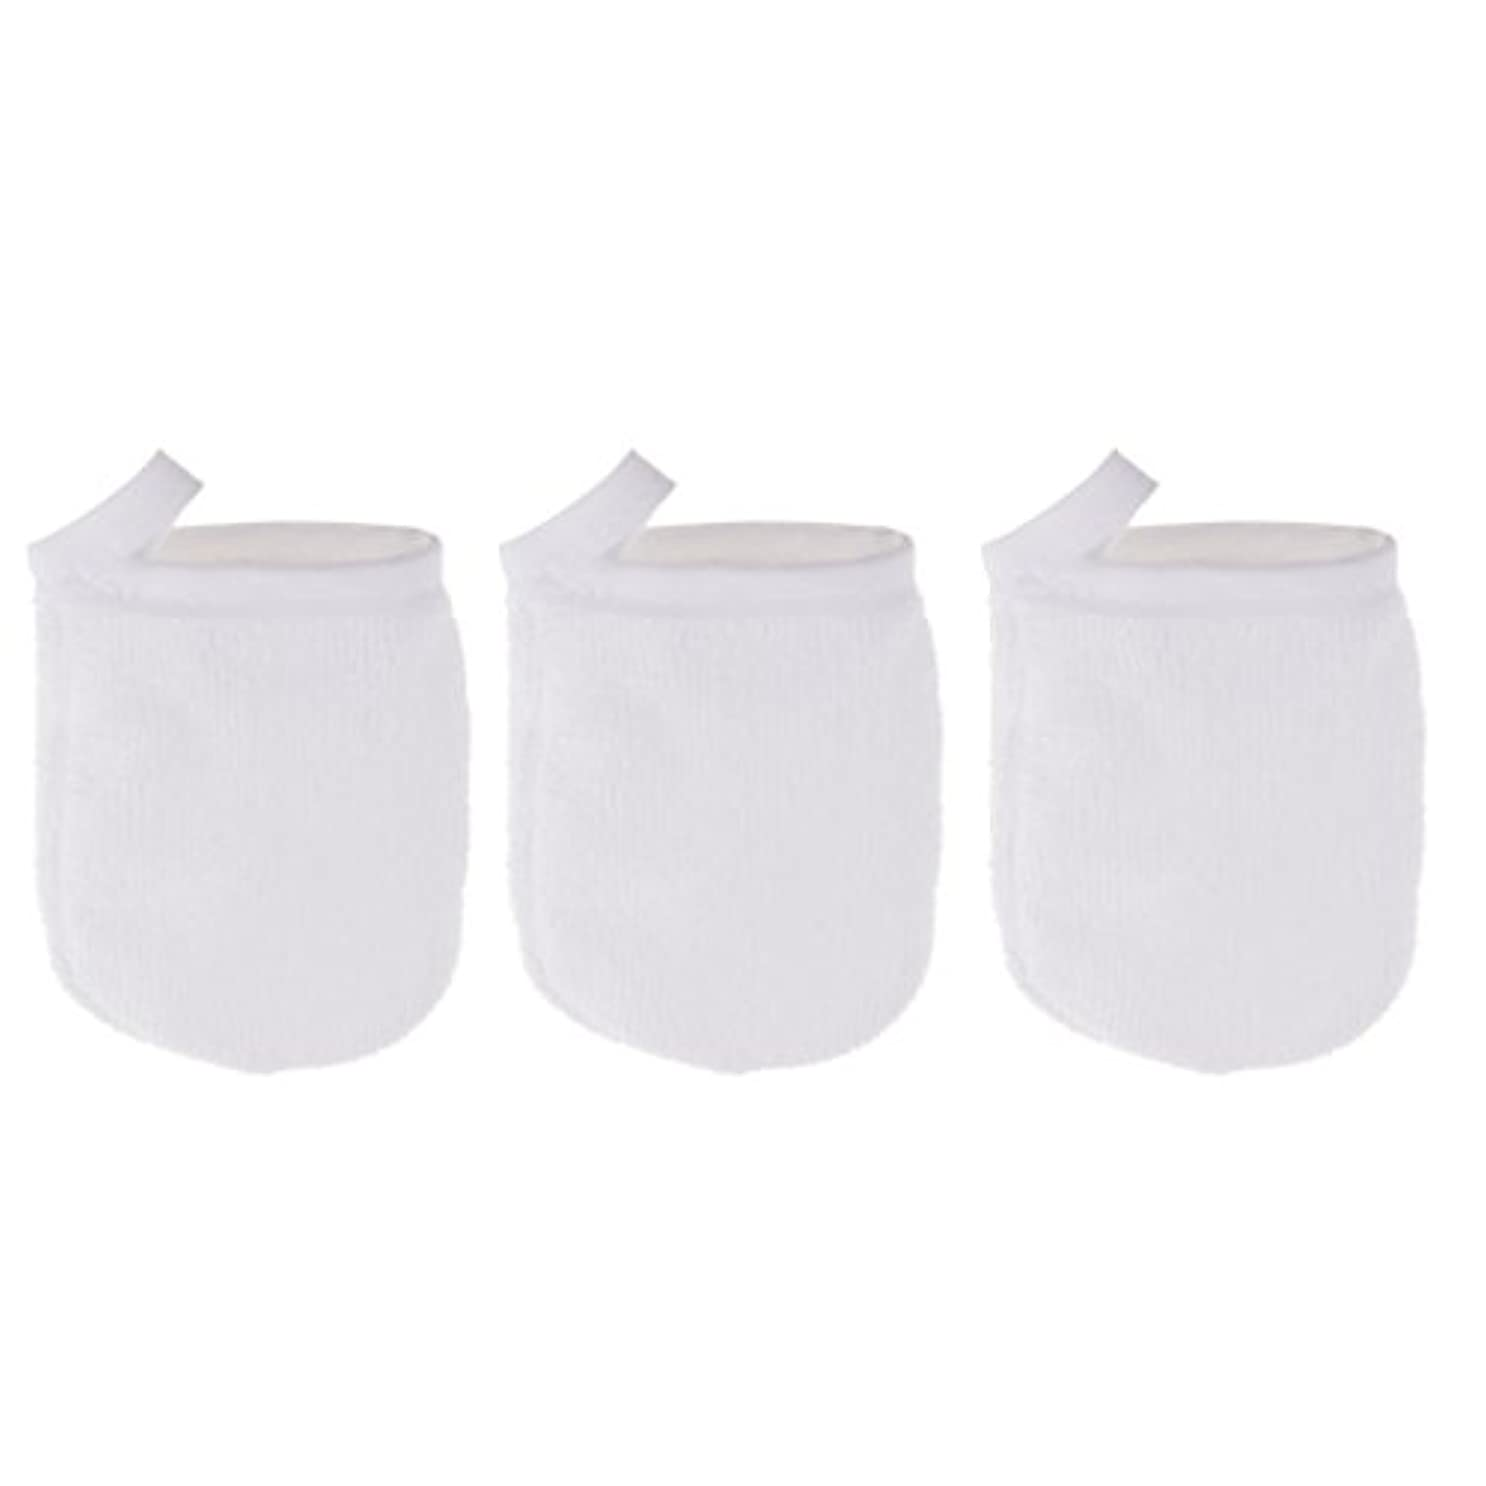 クリップ蝶効果的に期限切れPerfk 3個 クレンジンググローブ 手袋 洗顔グローブ 肌に気持ちいい フェイシャル 美容 ソフト マイクロファイバー グローブ メイクリムーバークロス 再使用可能